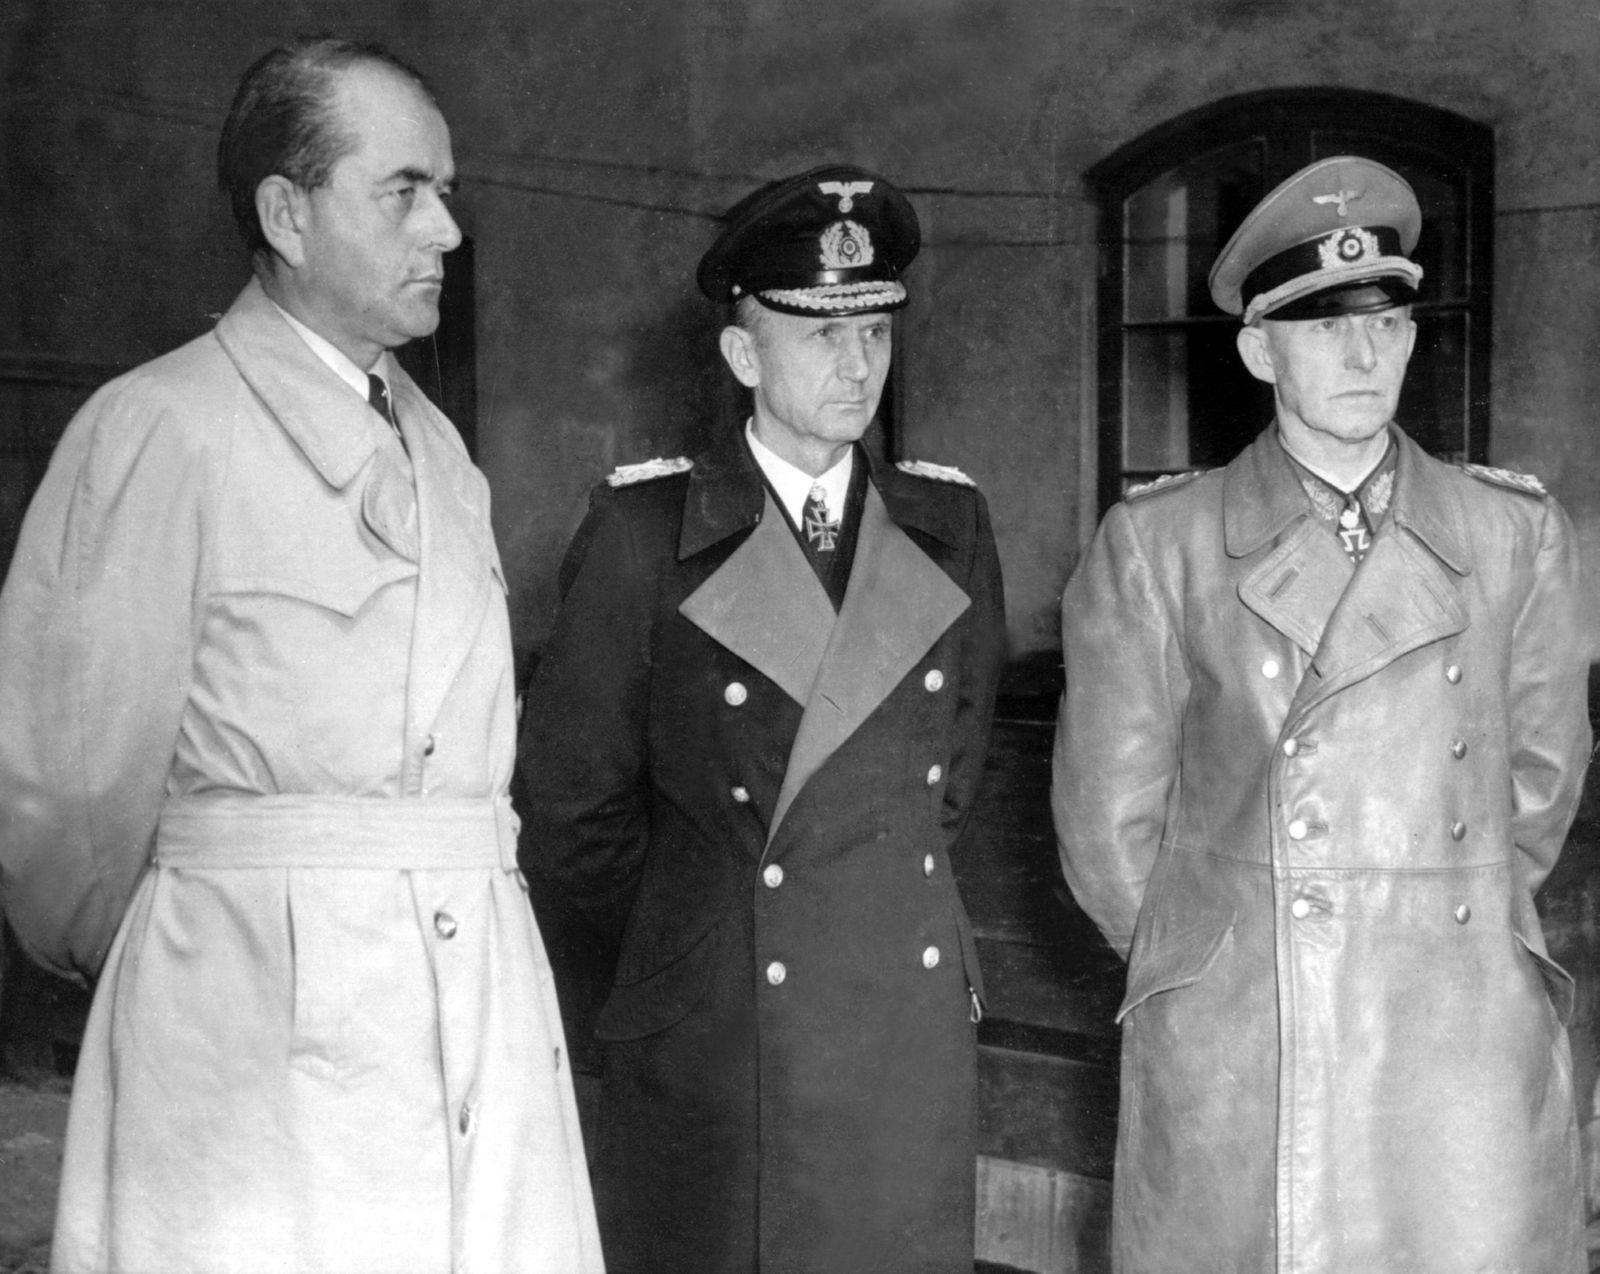 Reichsregierung in Flensburg verhaftet